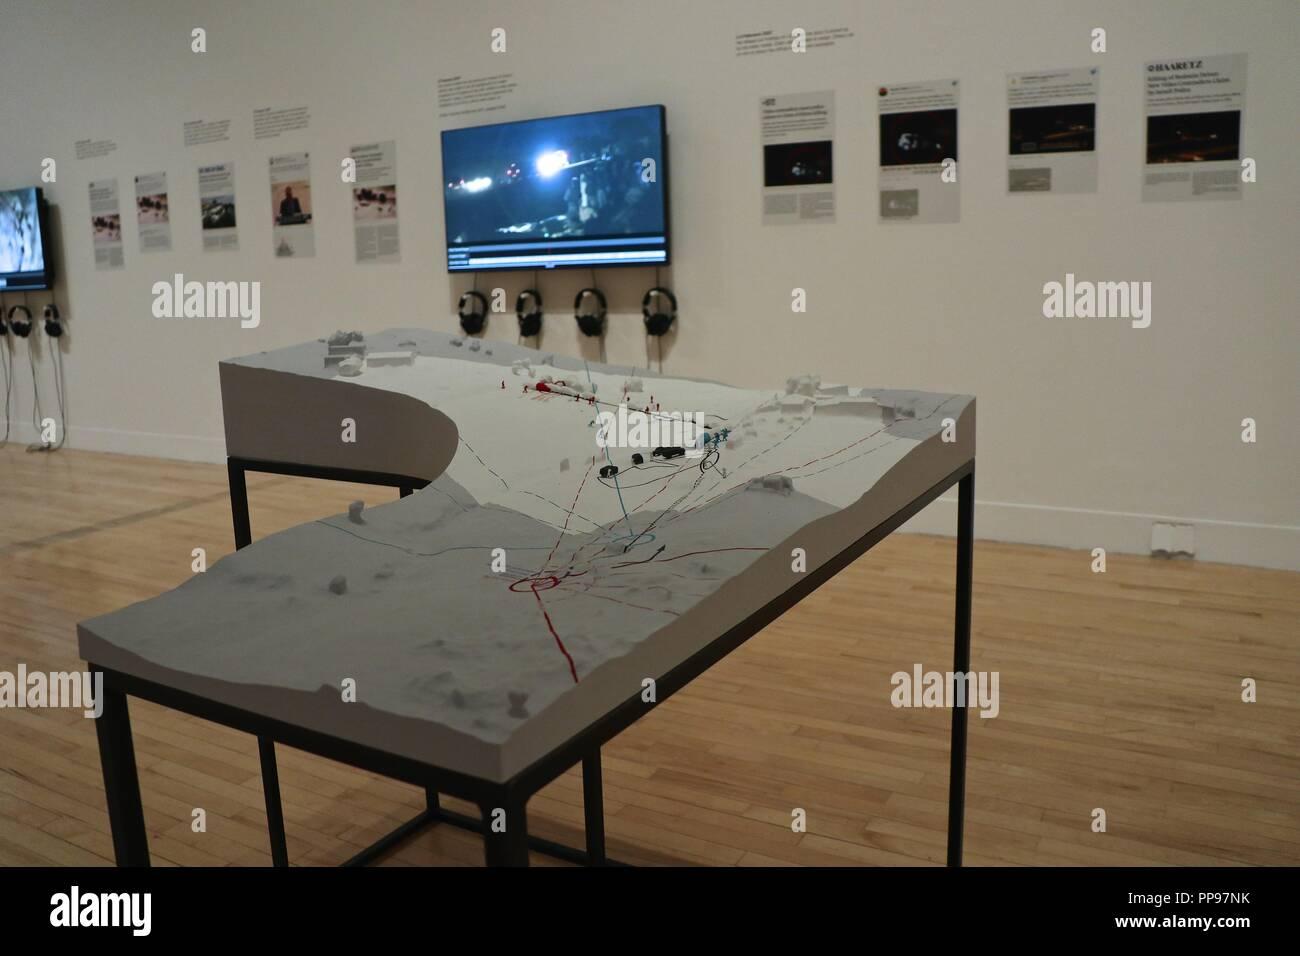 La Tate Britain Turner Prize artistes présélectionnés 1984-2018 Banque D'Images